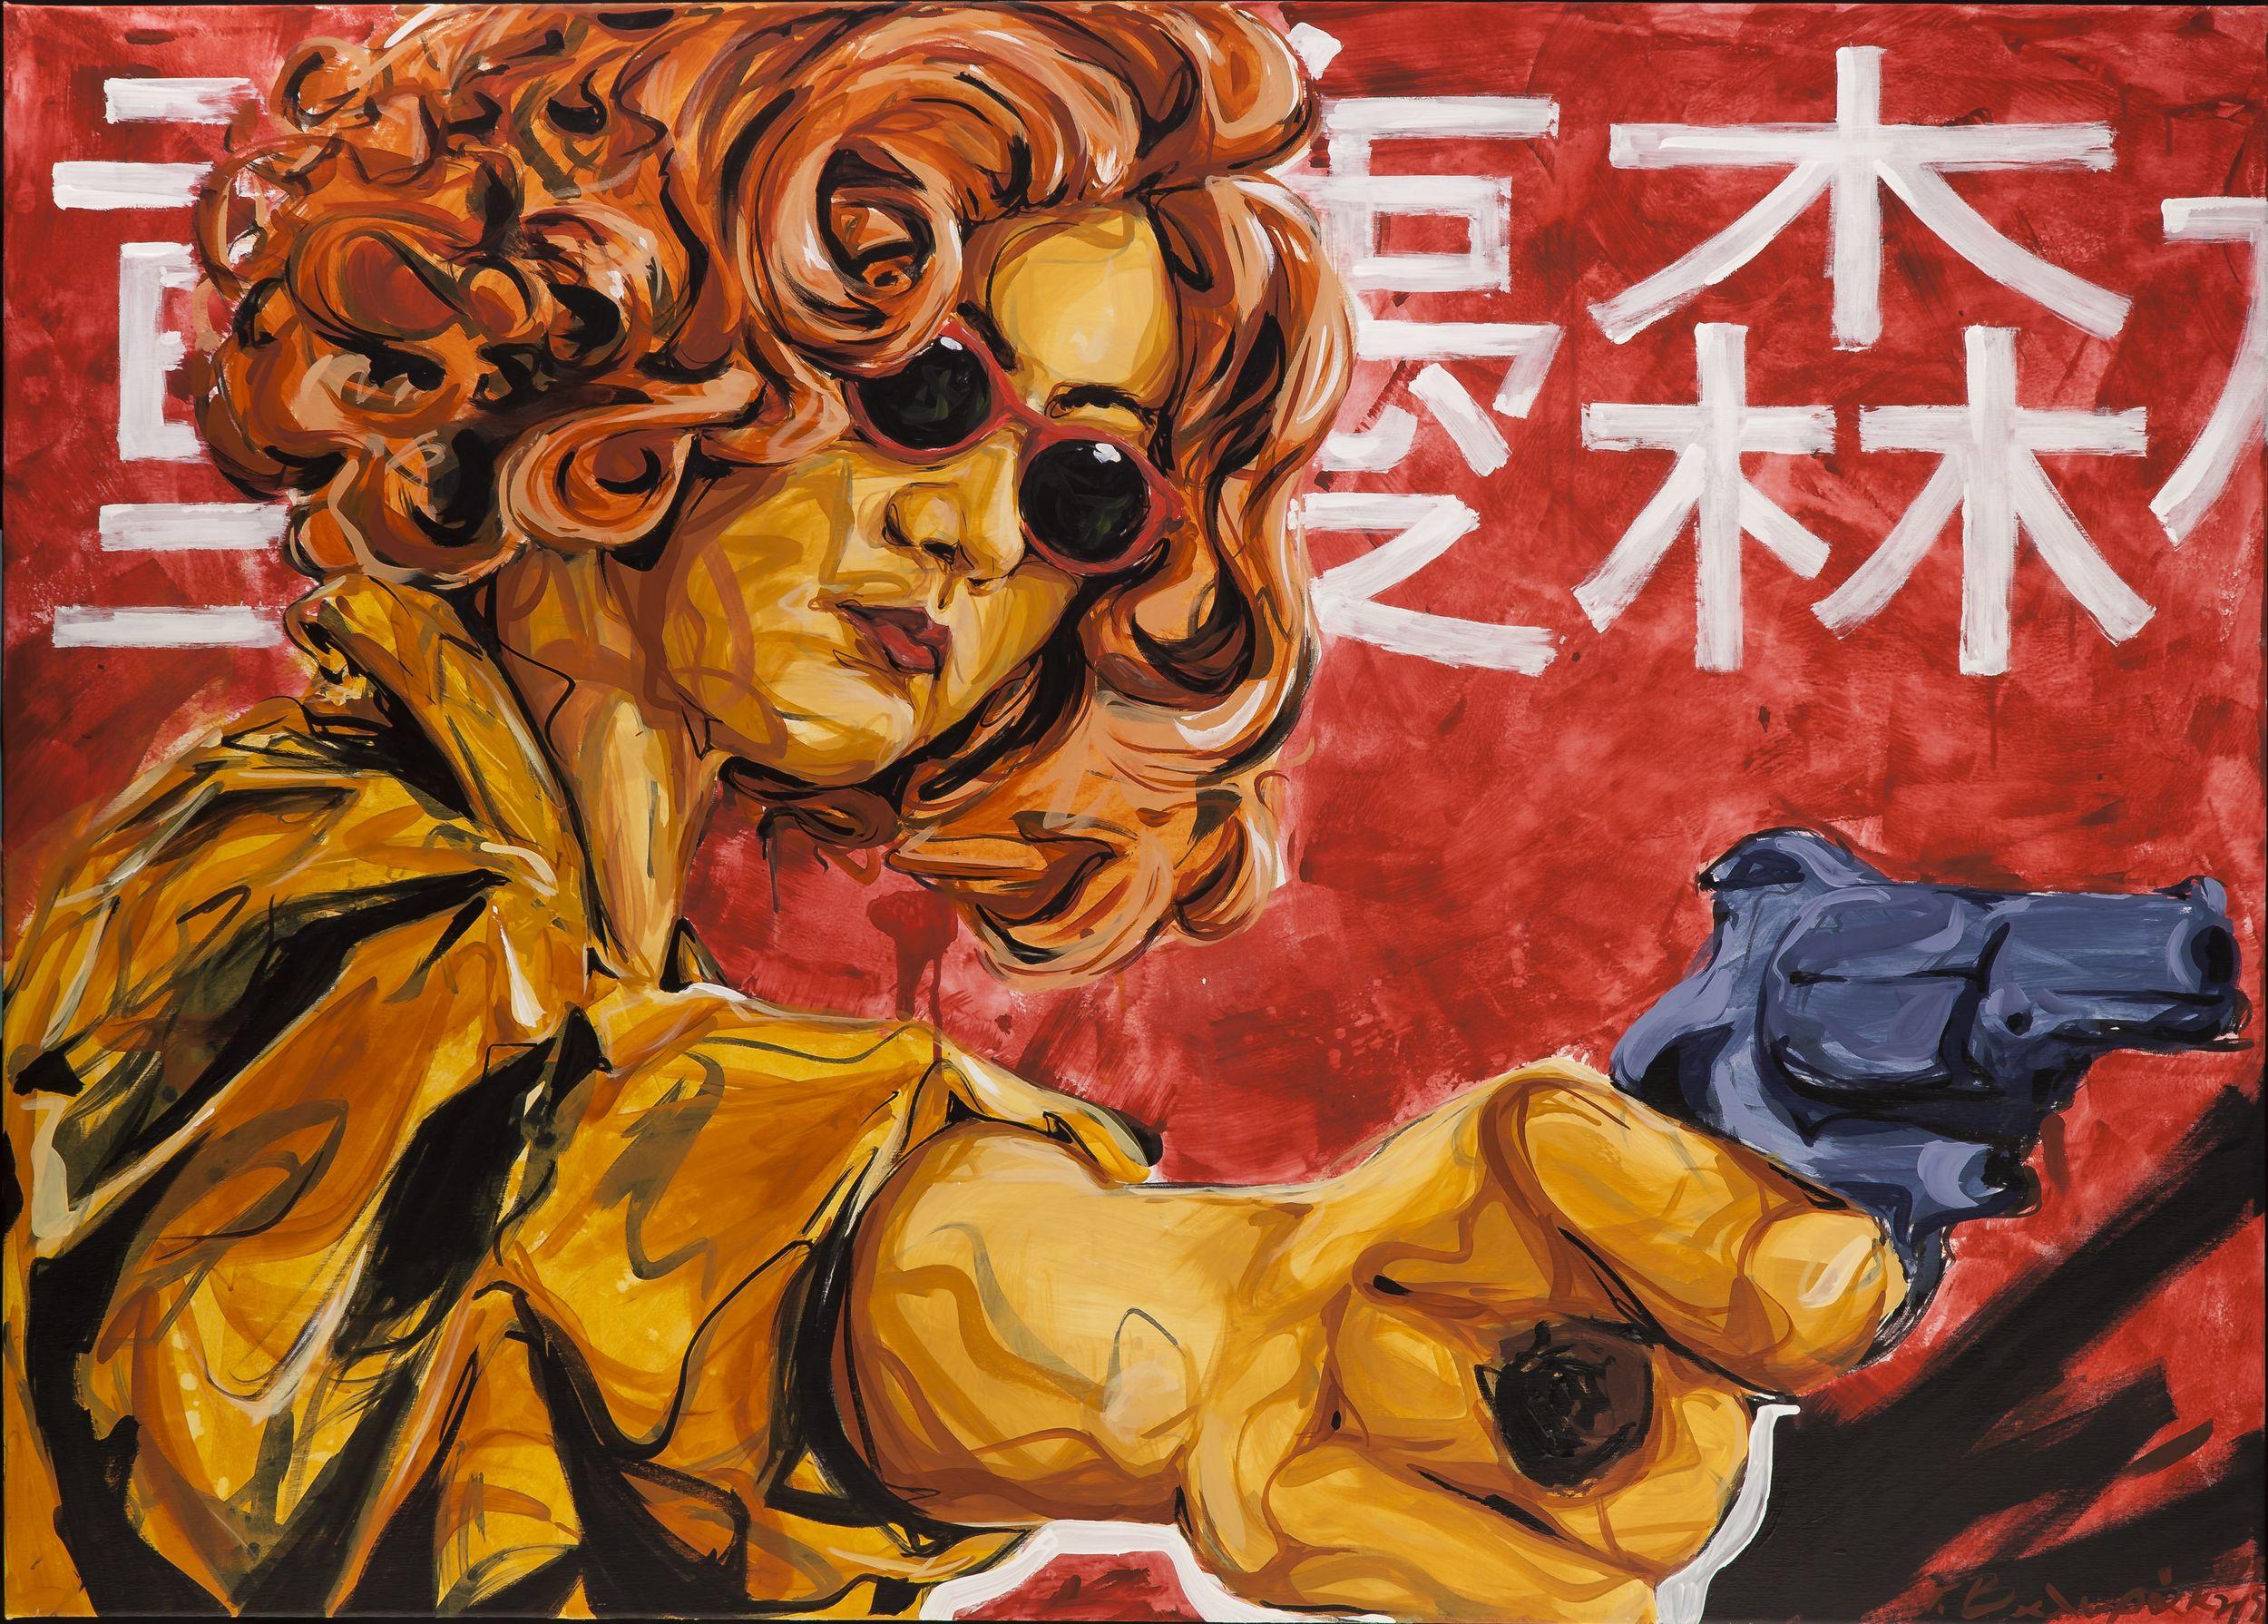 Radiozoa_John Valyrakis - Bang Bang! - Acrylics and Spraypaint on Canvas - 1.40x1.00m.jpg